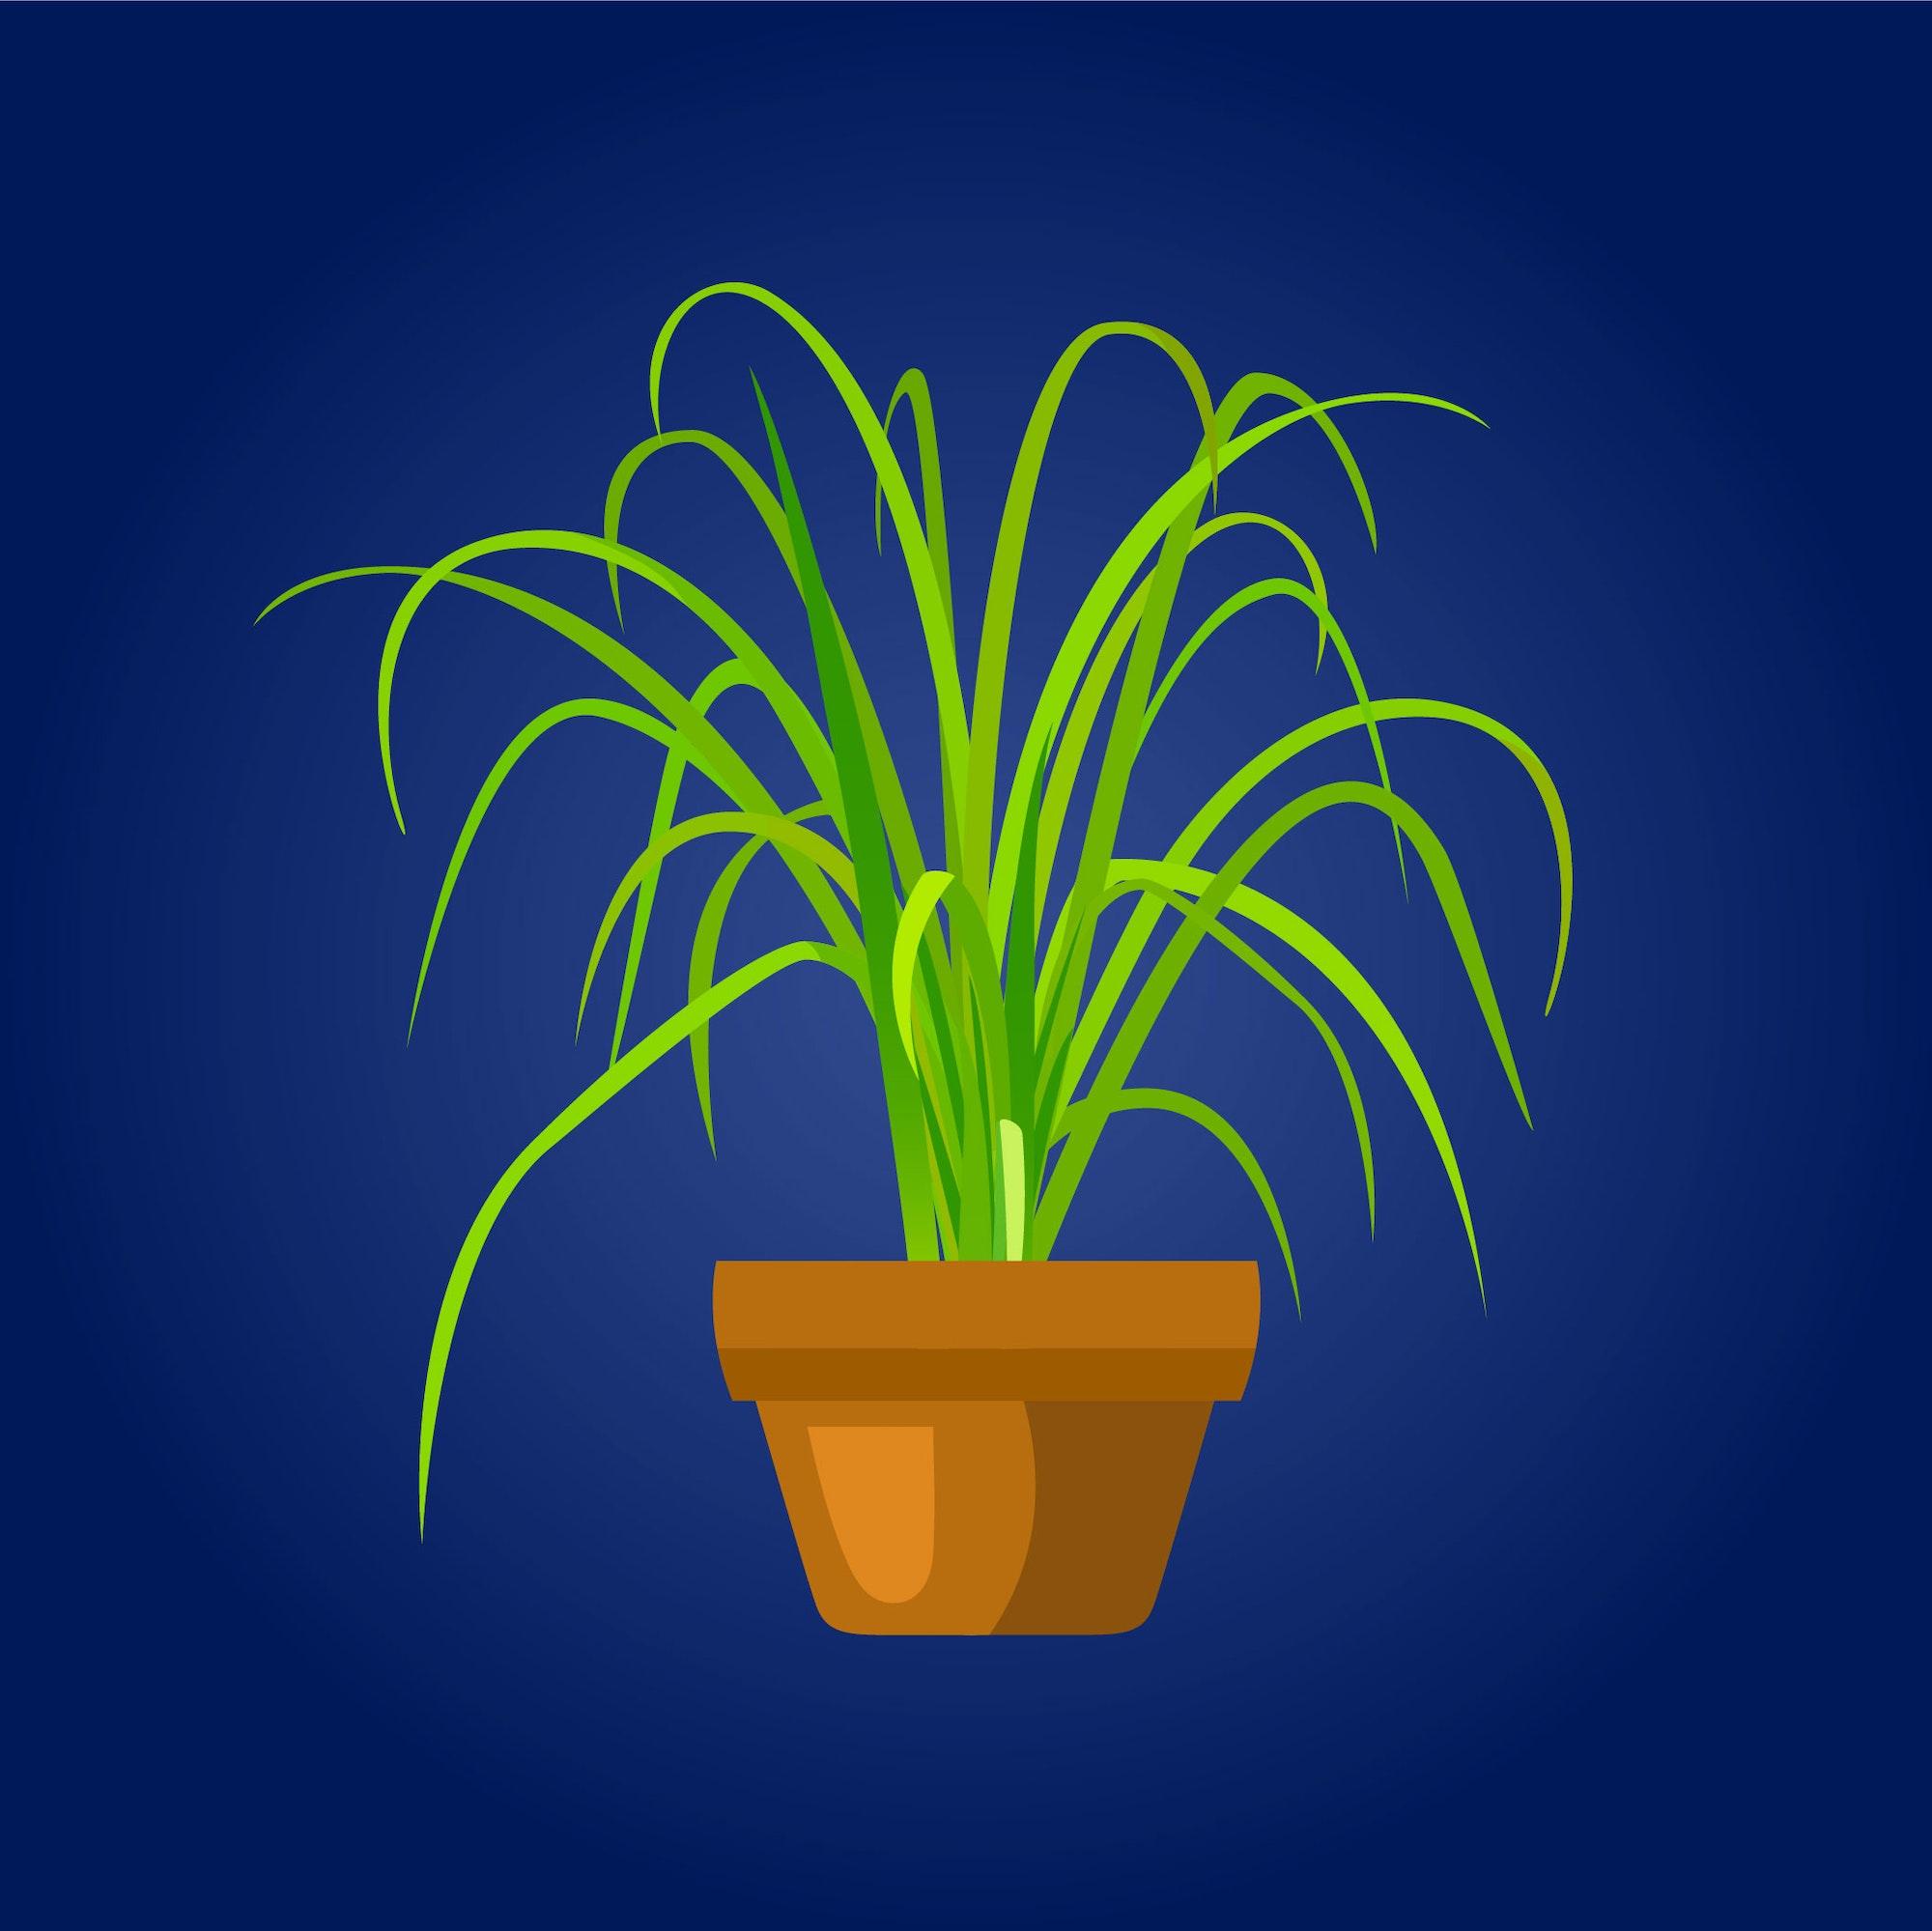 May contain: citronella plant